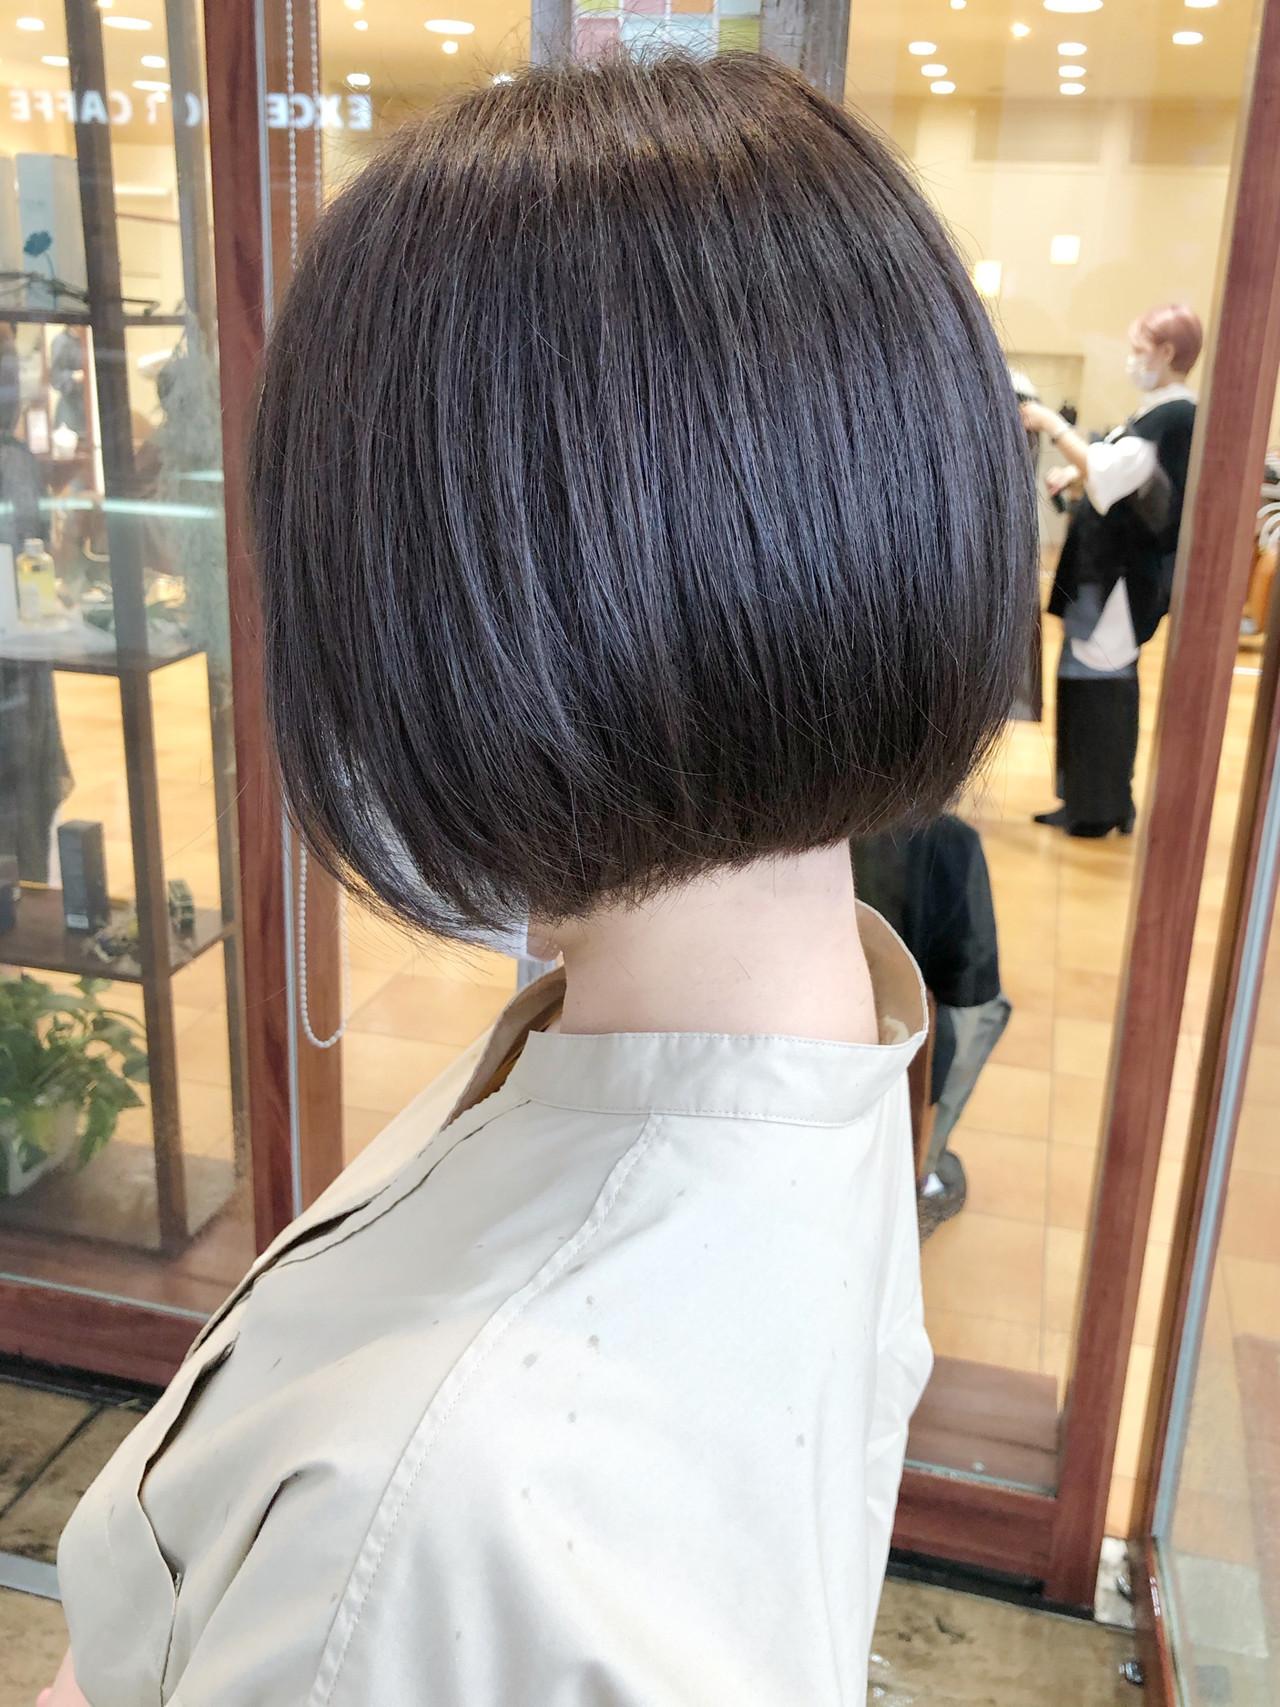 ボブ 前下がりボブ モテボブ ナチュラル ヘアスタイルや髪型の写真・画像